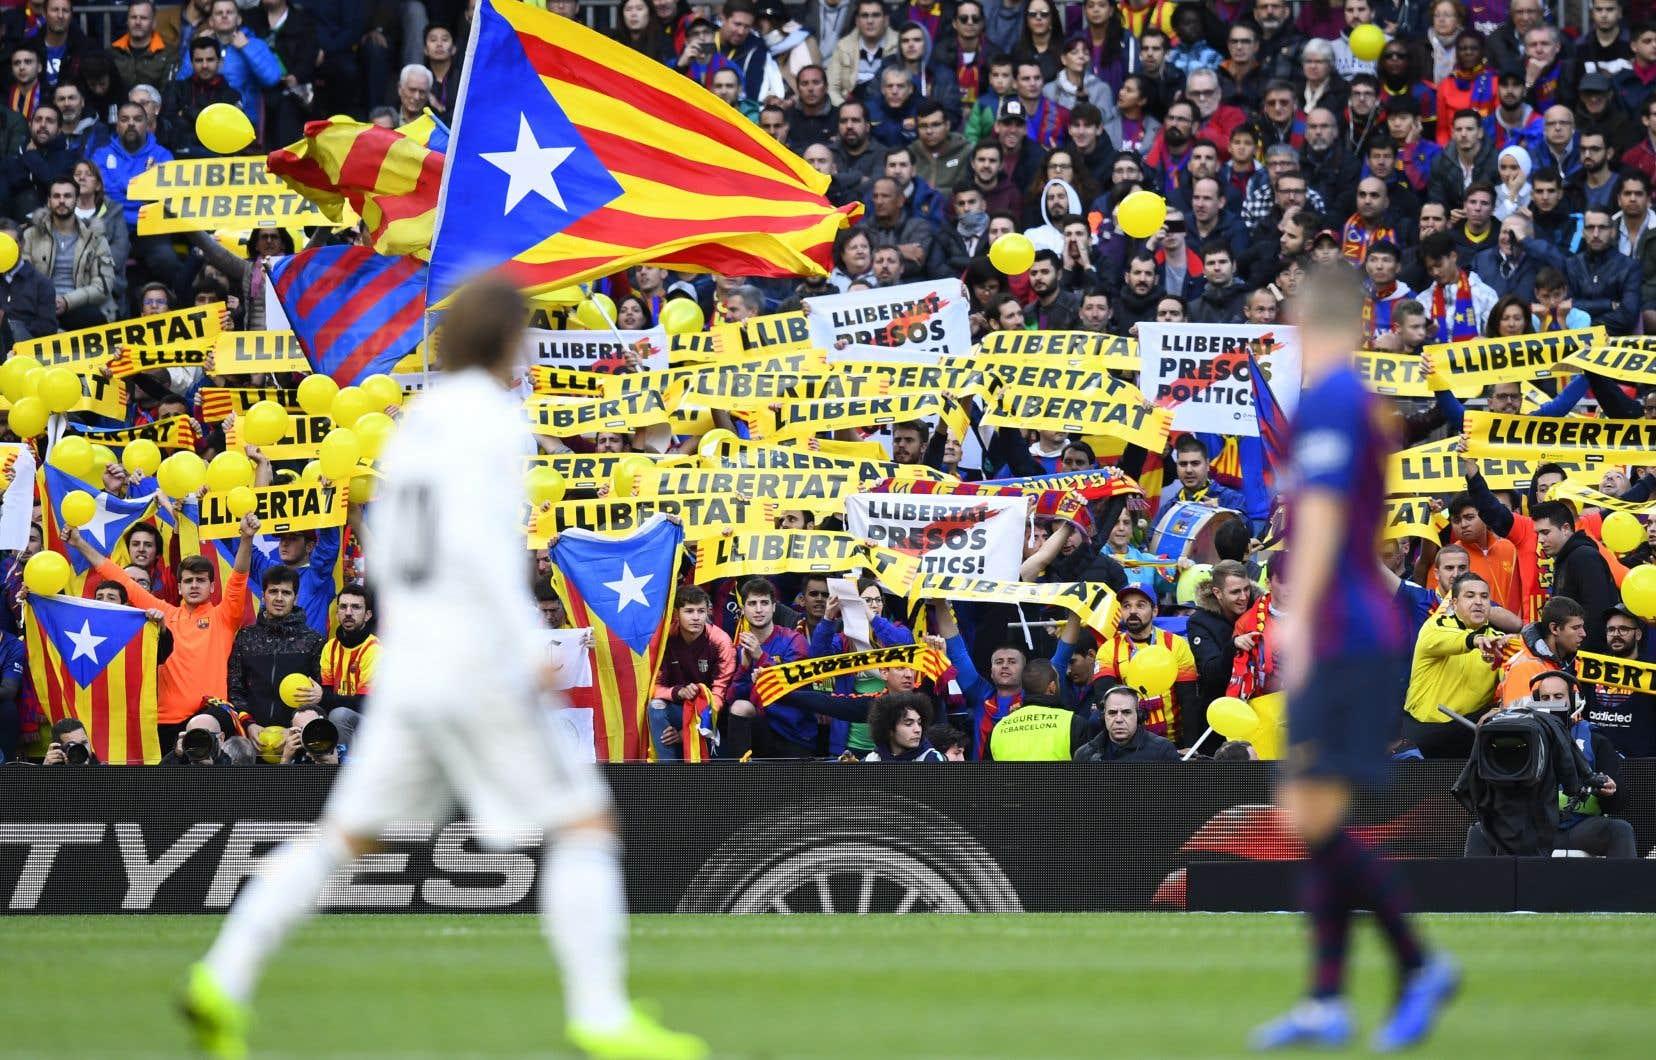 En octobre 2018, des supporters barcelonais déployaient déja des banderoles lors d'un match opposant le FC Barcelone au Real Madrid.